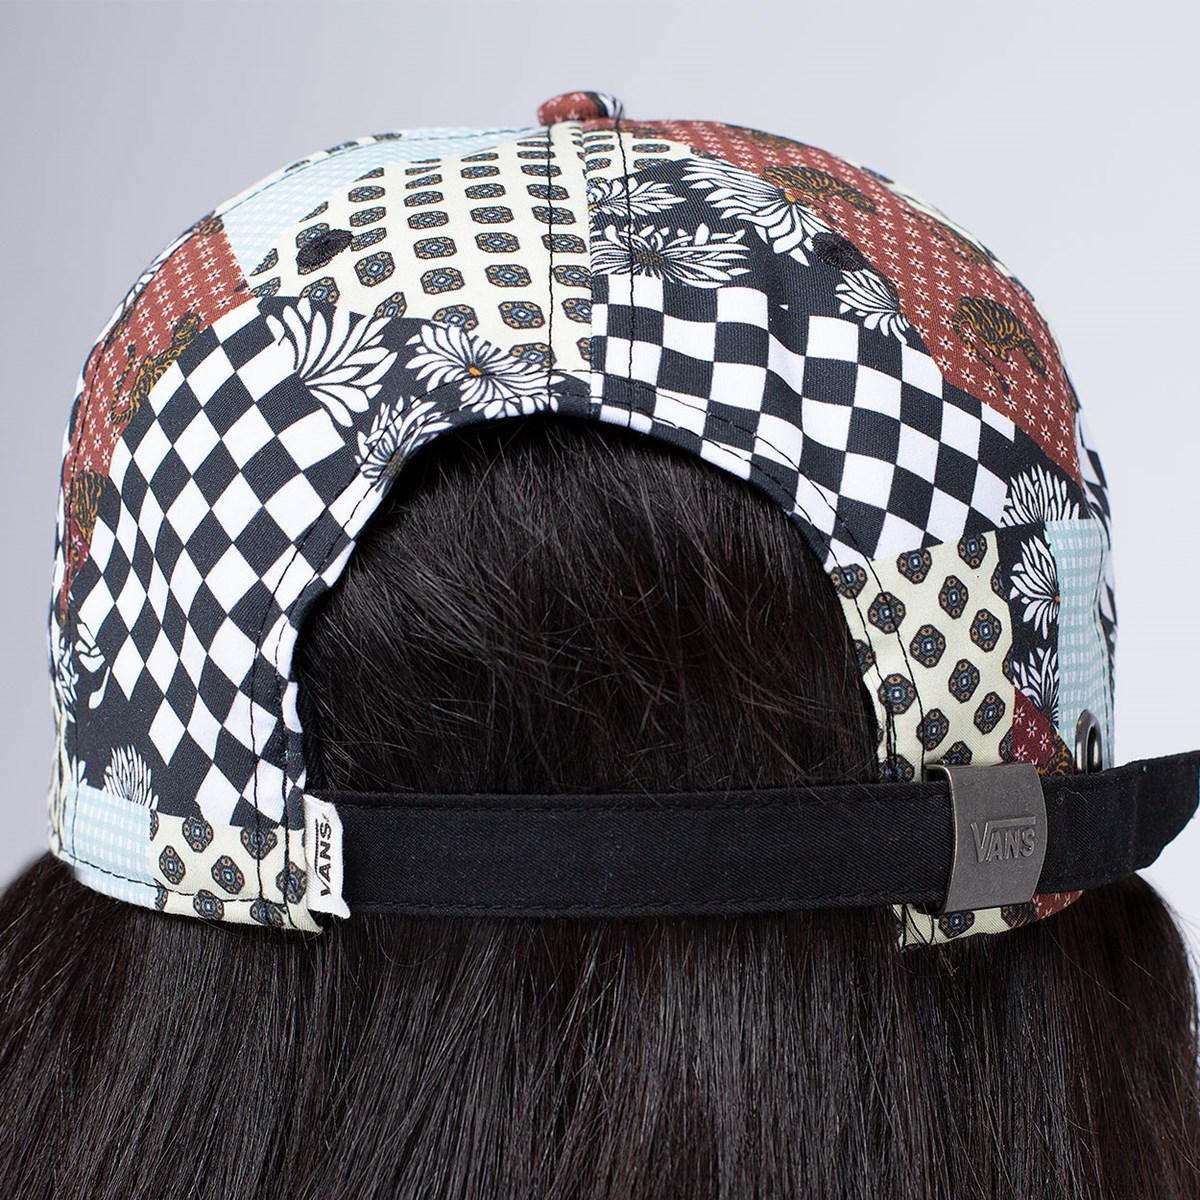 Boné Vans Court Side Printed Hat Floral Patchwork VN0A34GRZL7